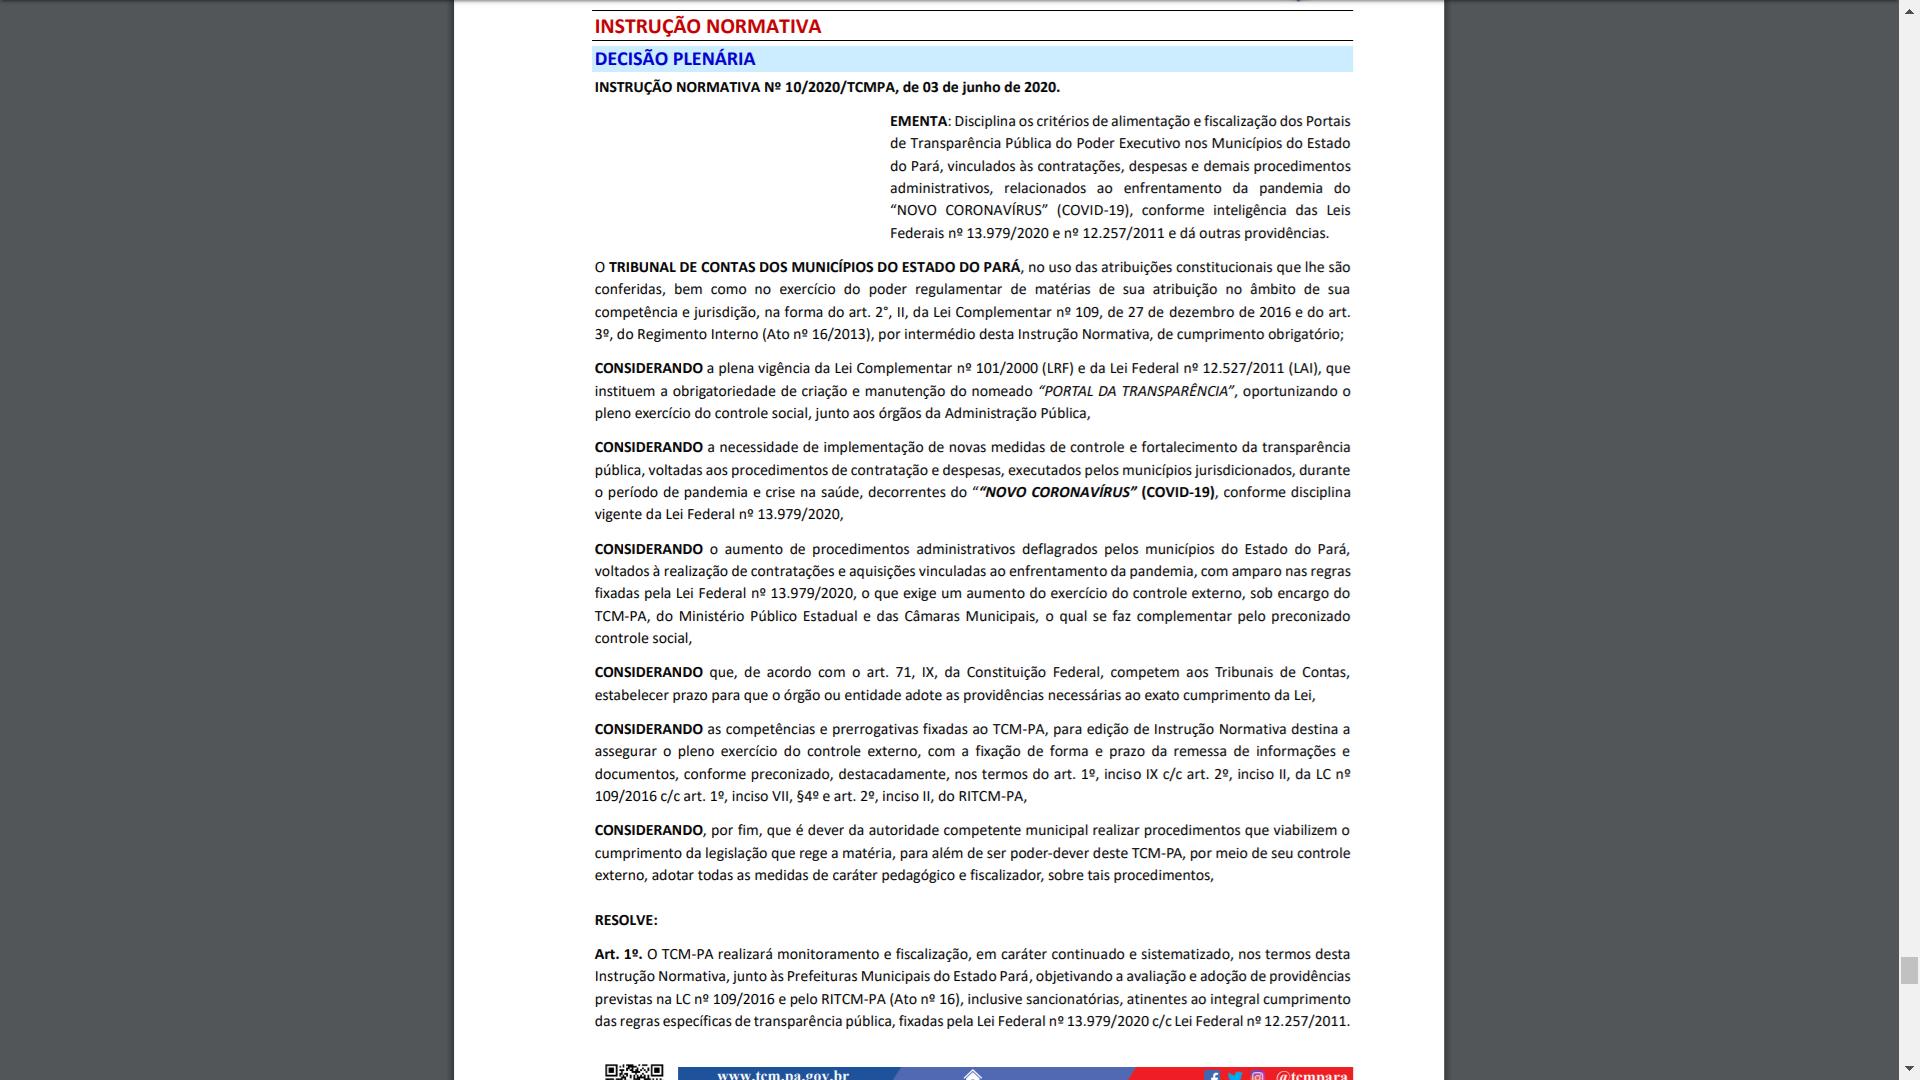 Instrução Normativa Nº 010/2020 (TCM-PA)